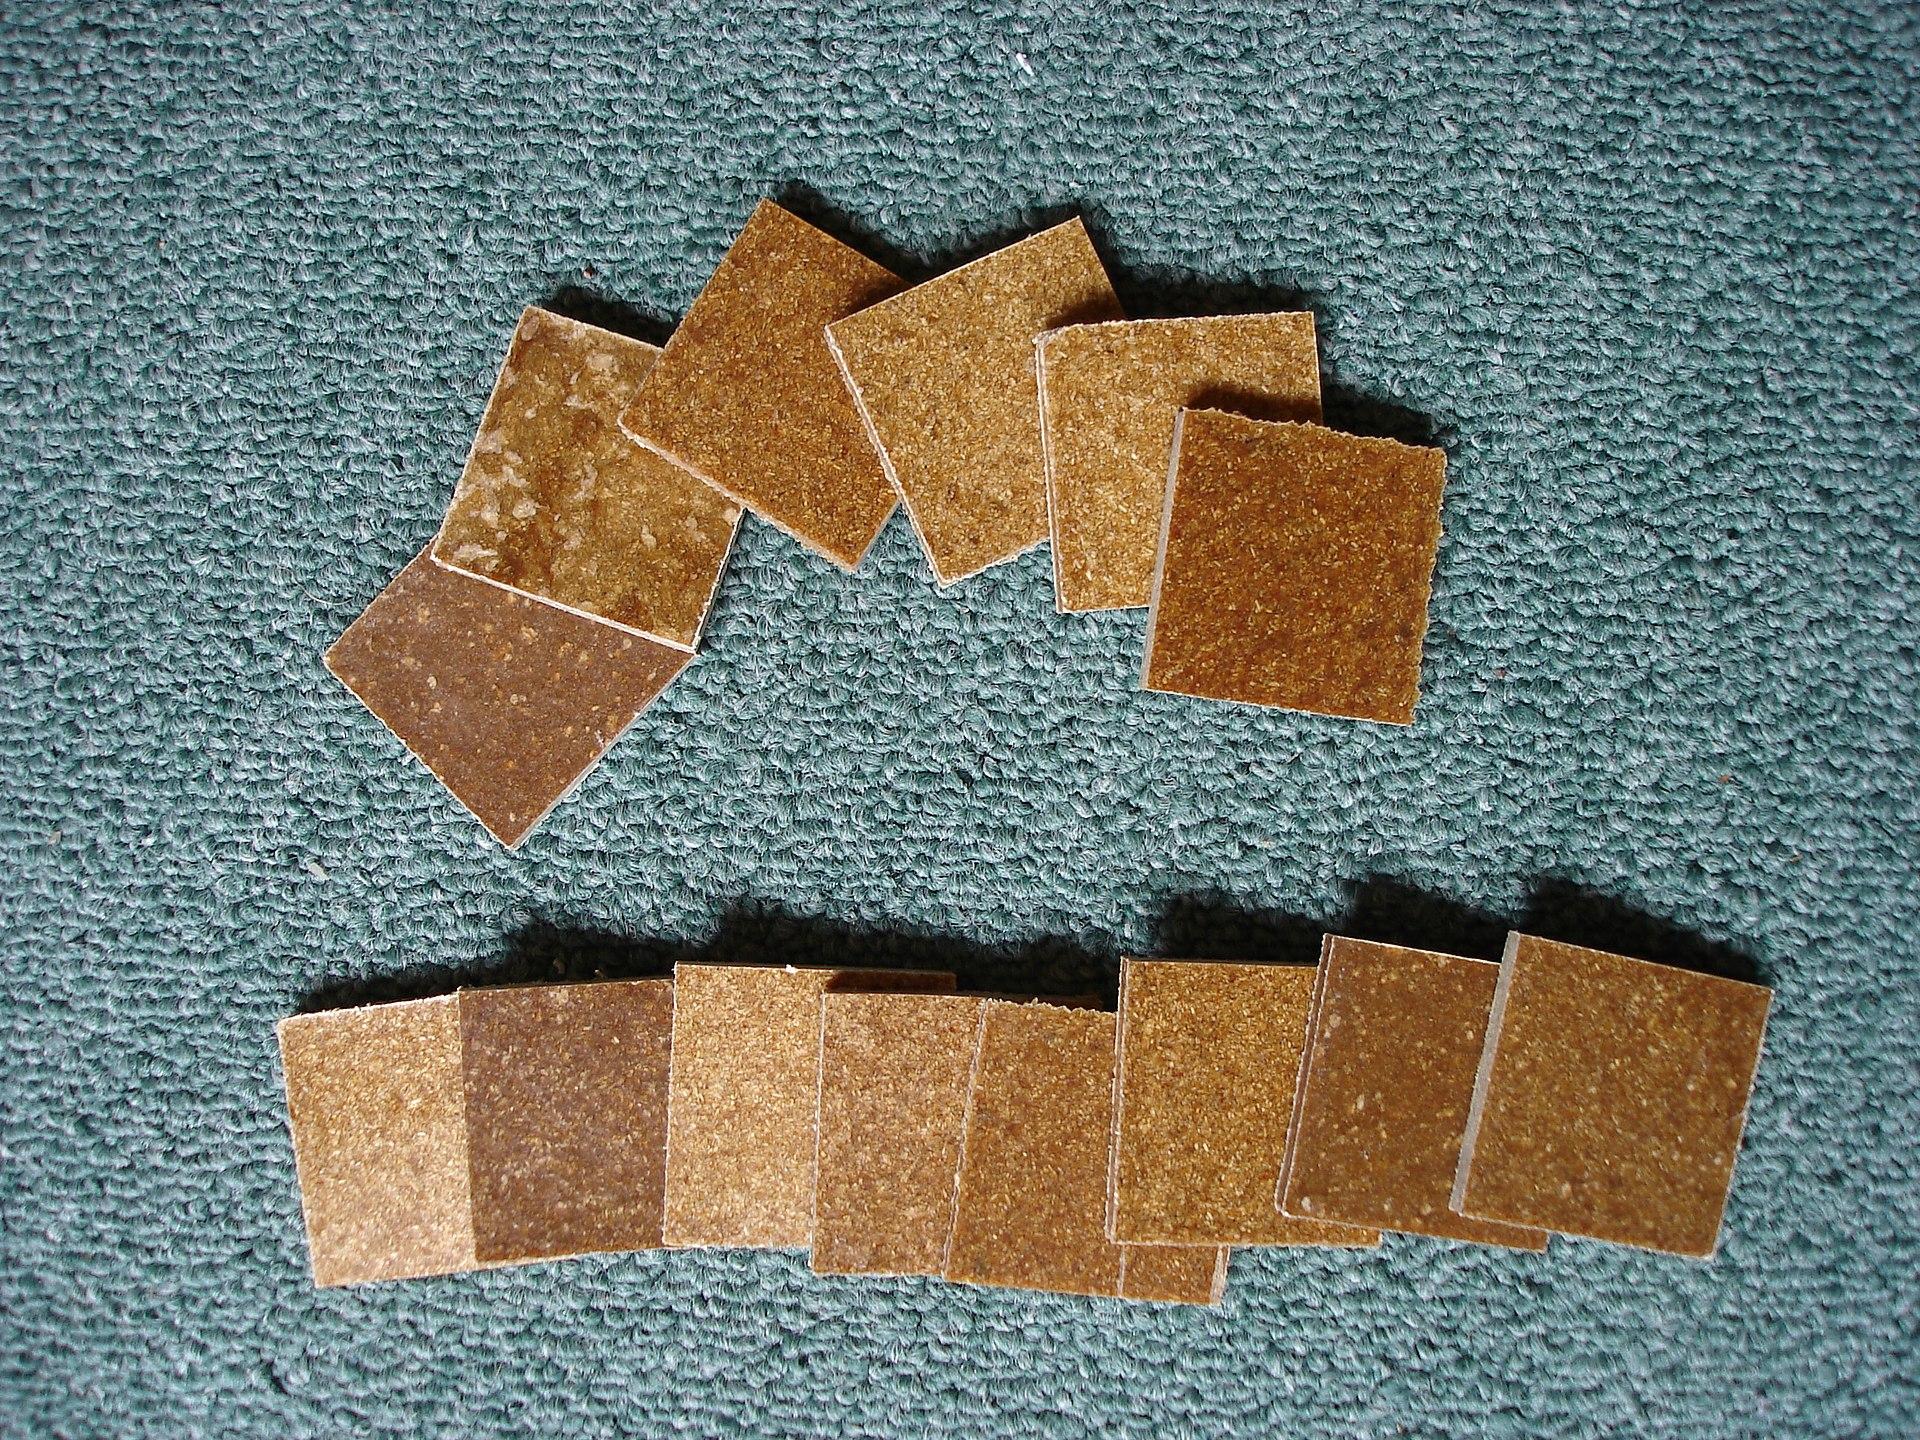 Compuesto de madera y pl stico wikipedia la for Que son las vetas de la madera